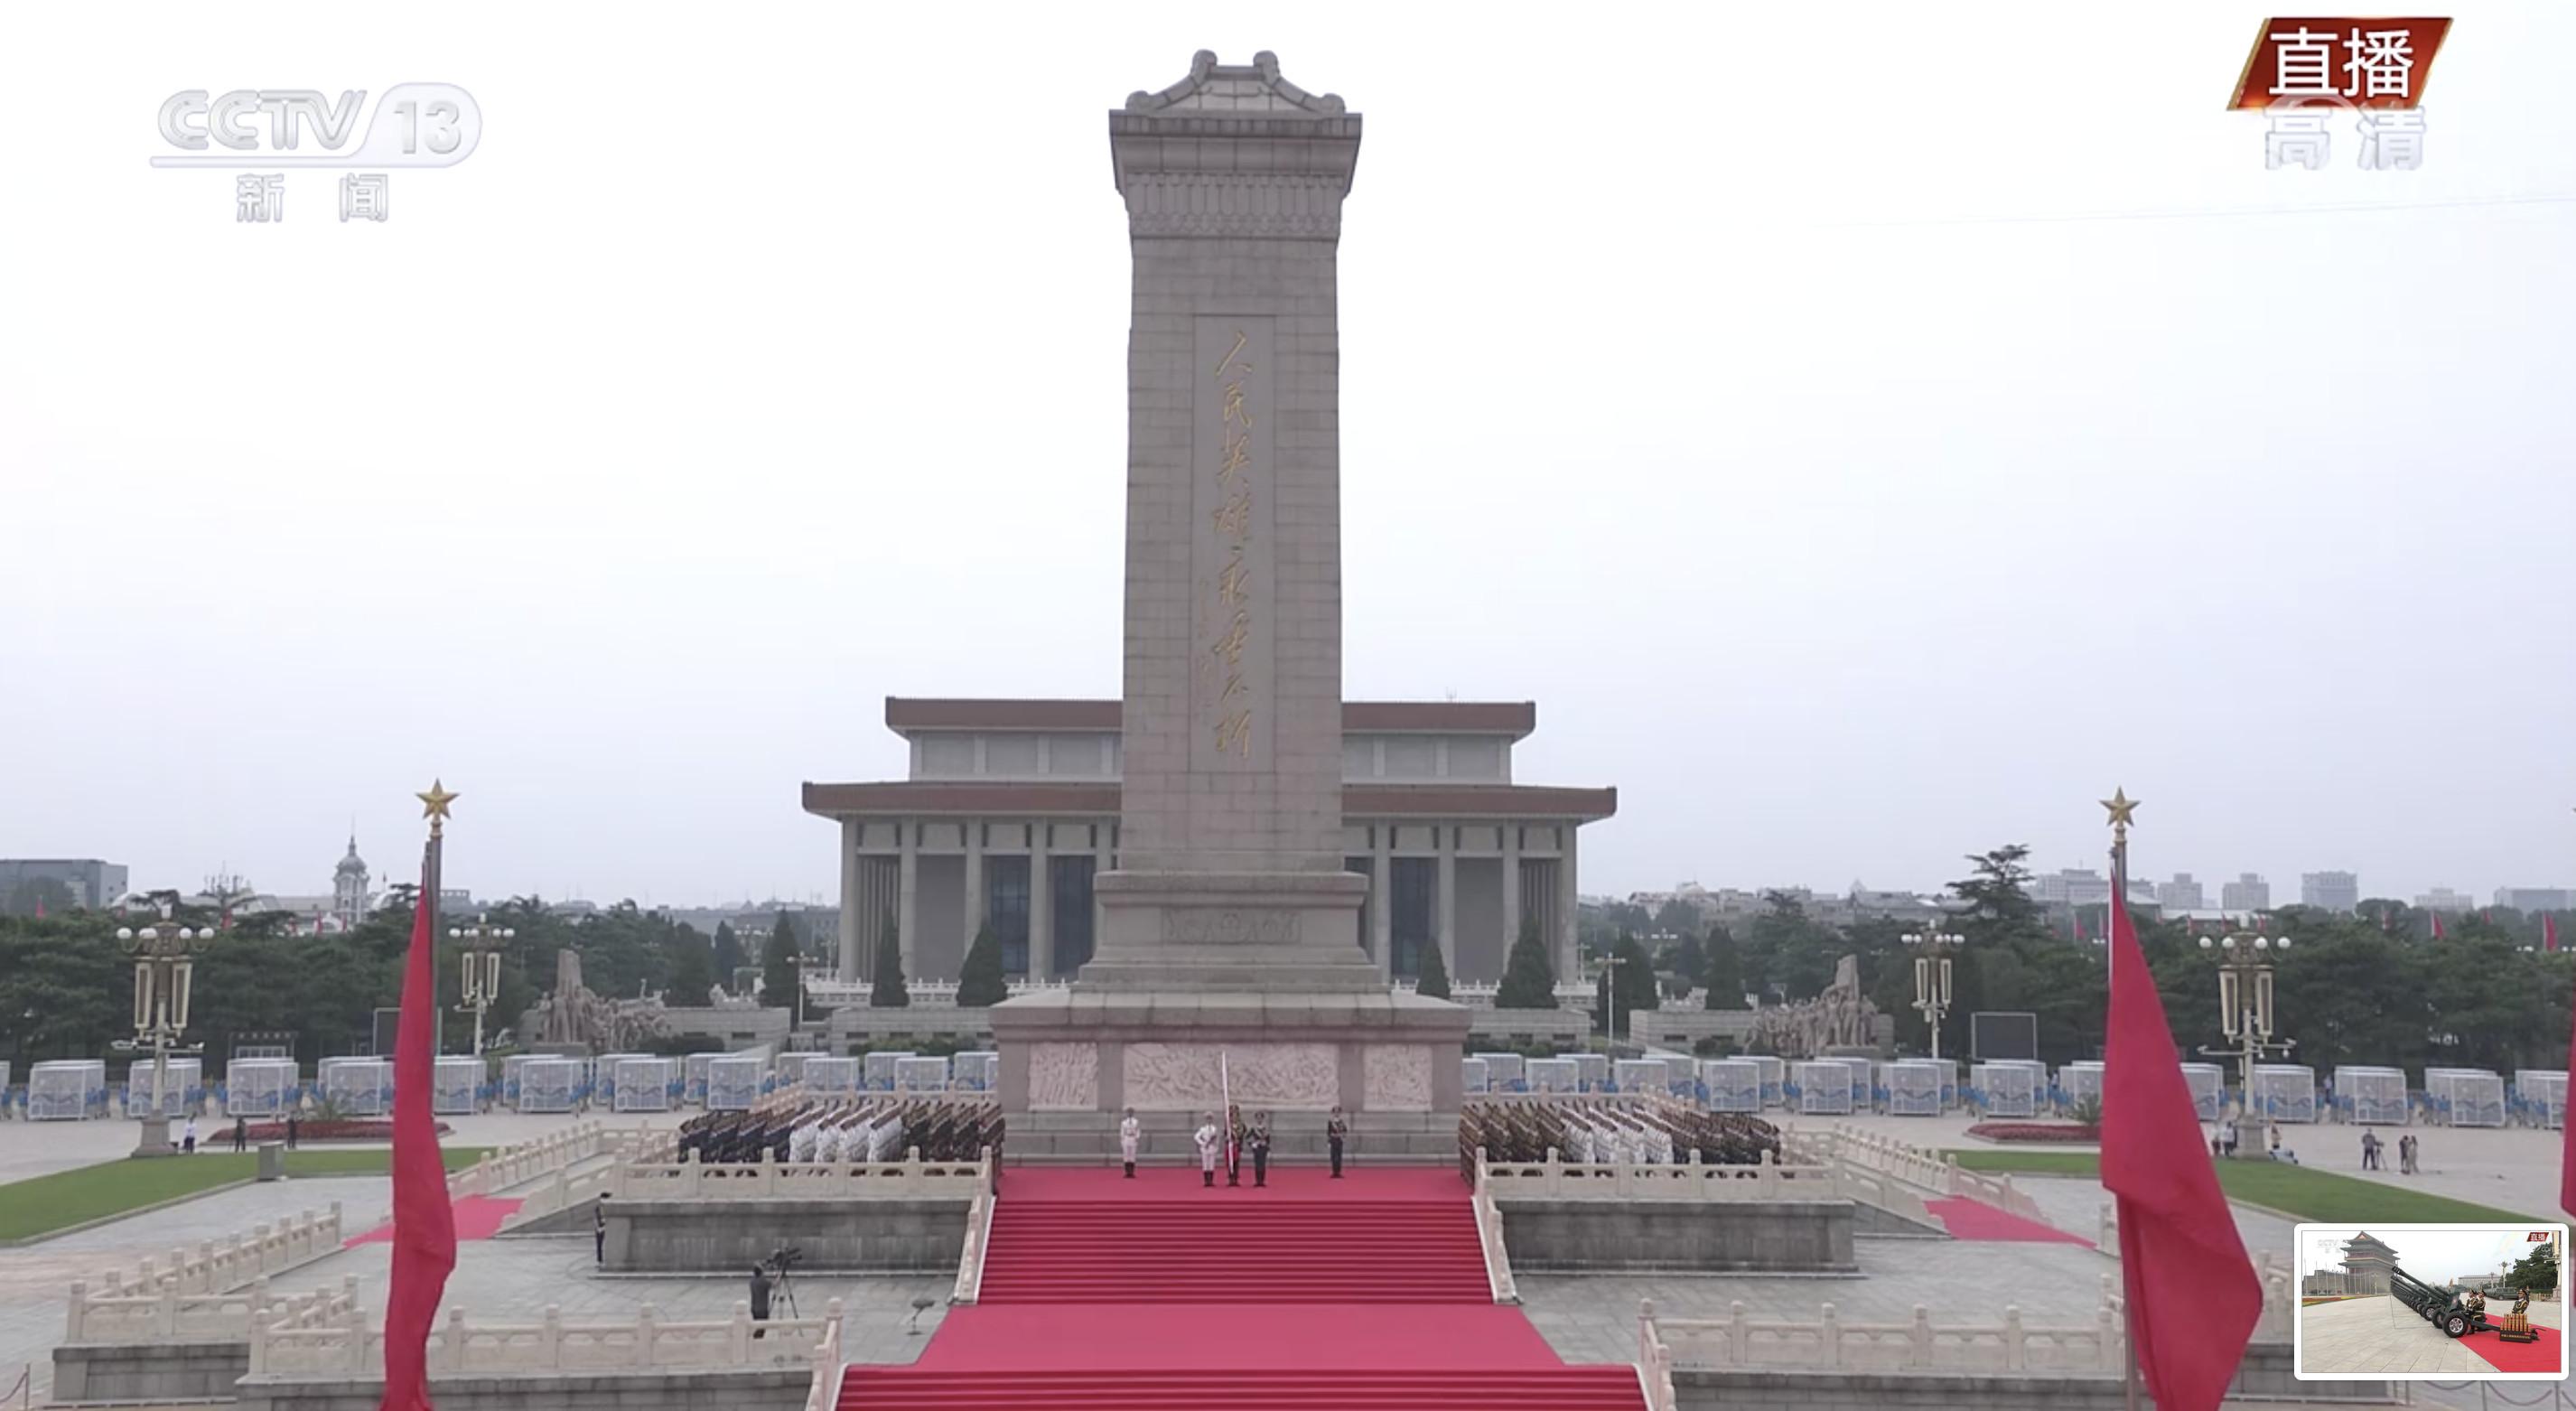 中共,黨慶,習近平,中等收入陷阱,馬克思,列寧,史達林,毛澤東,意識形態